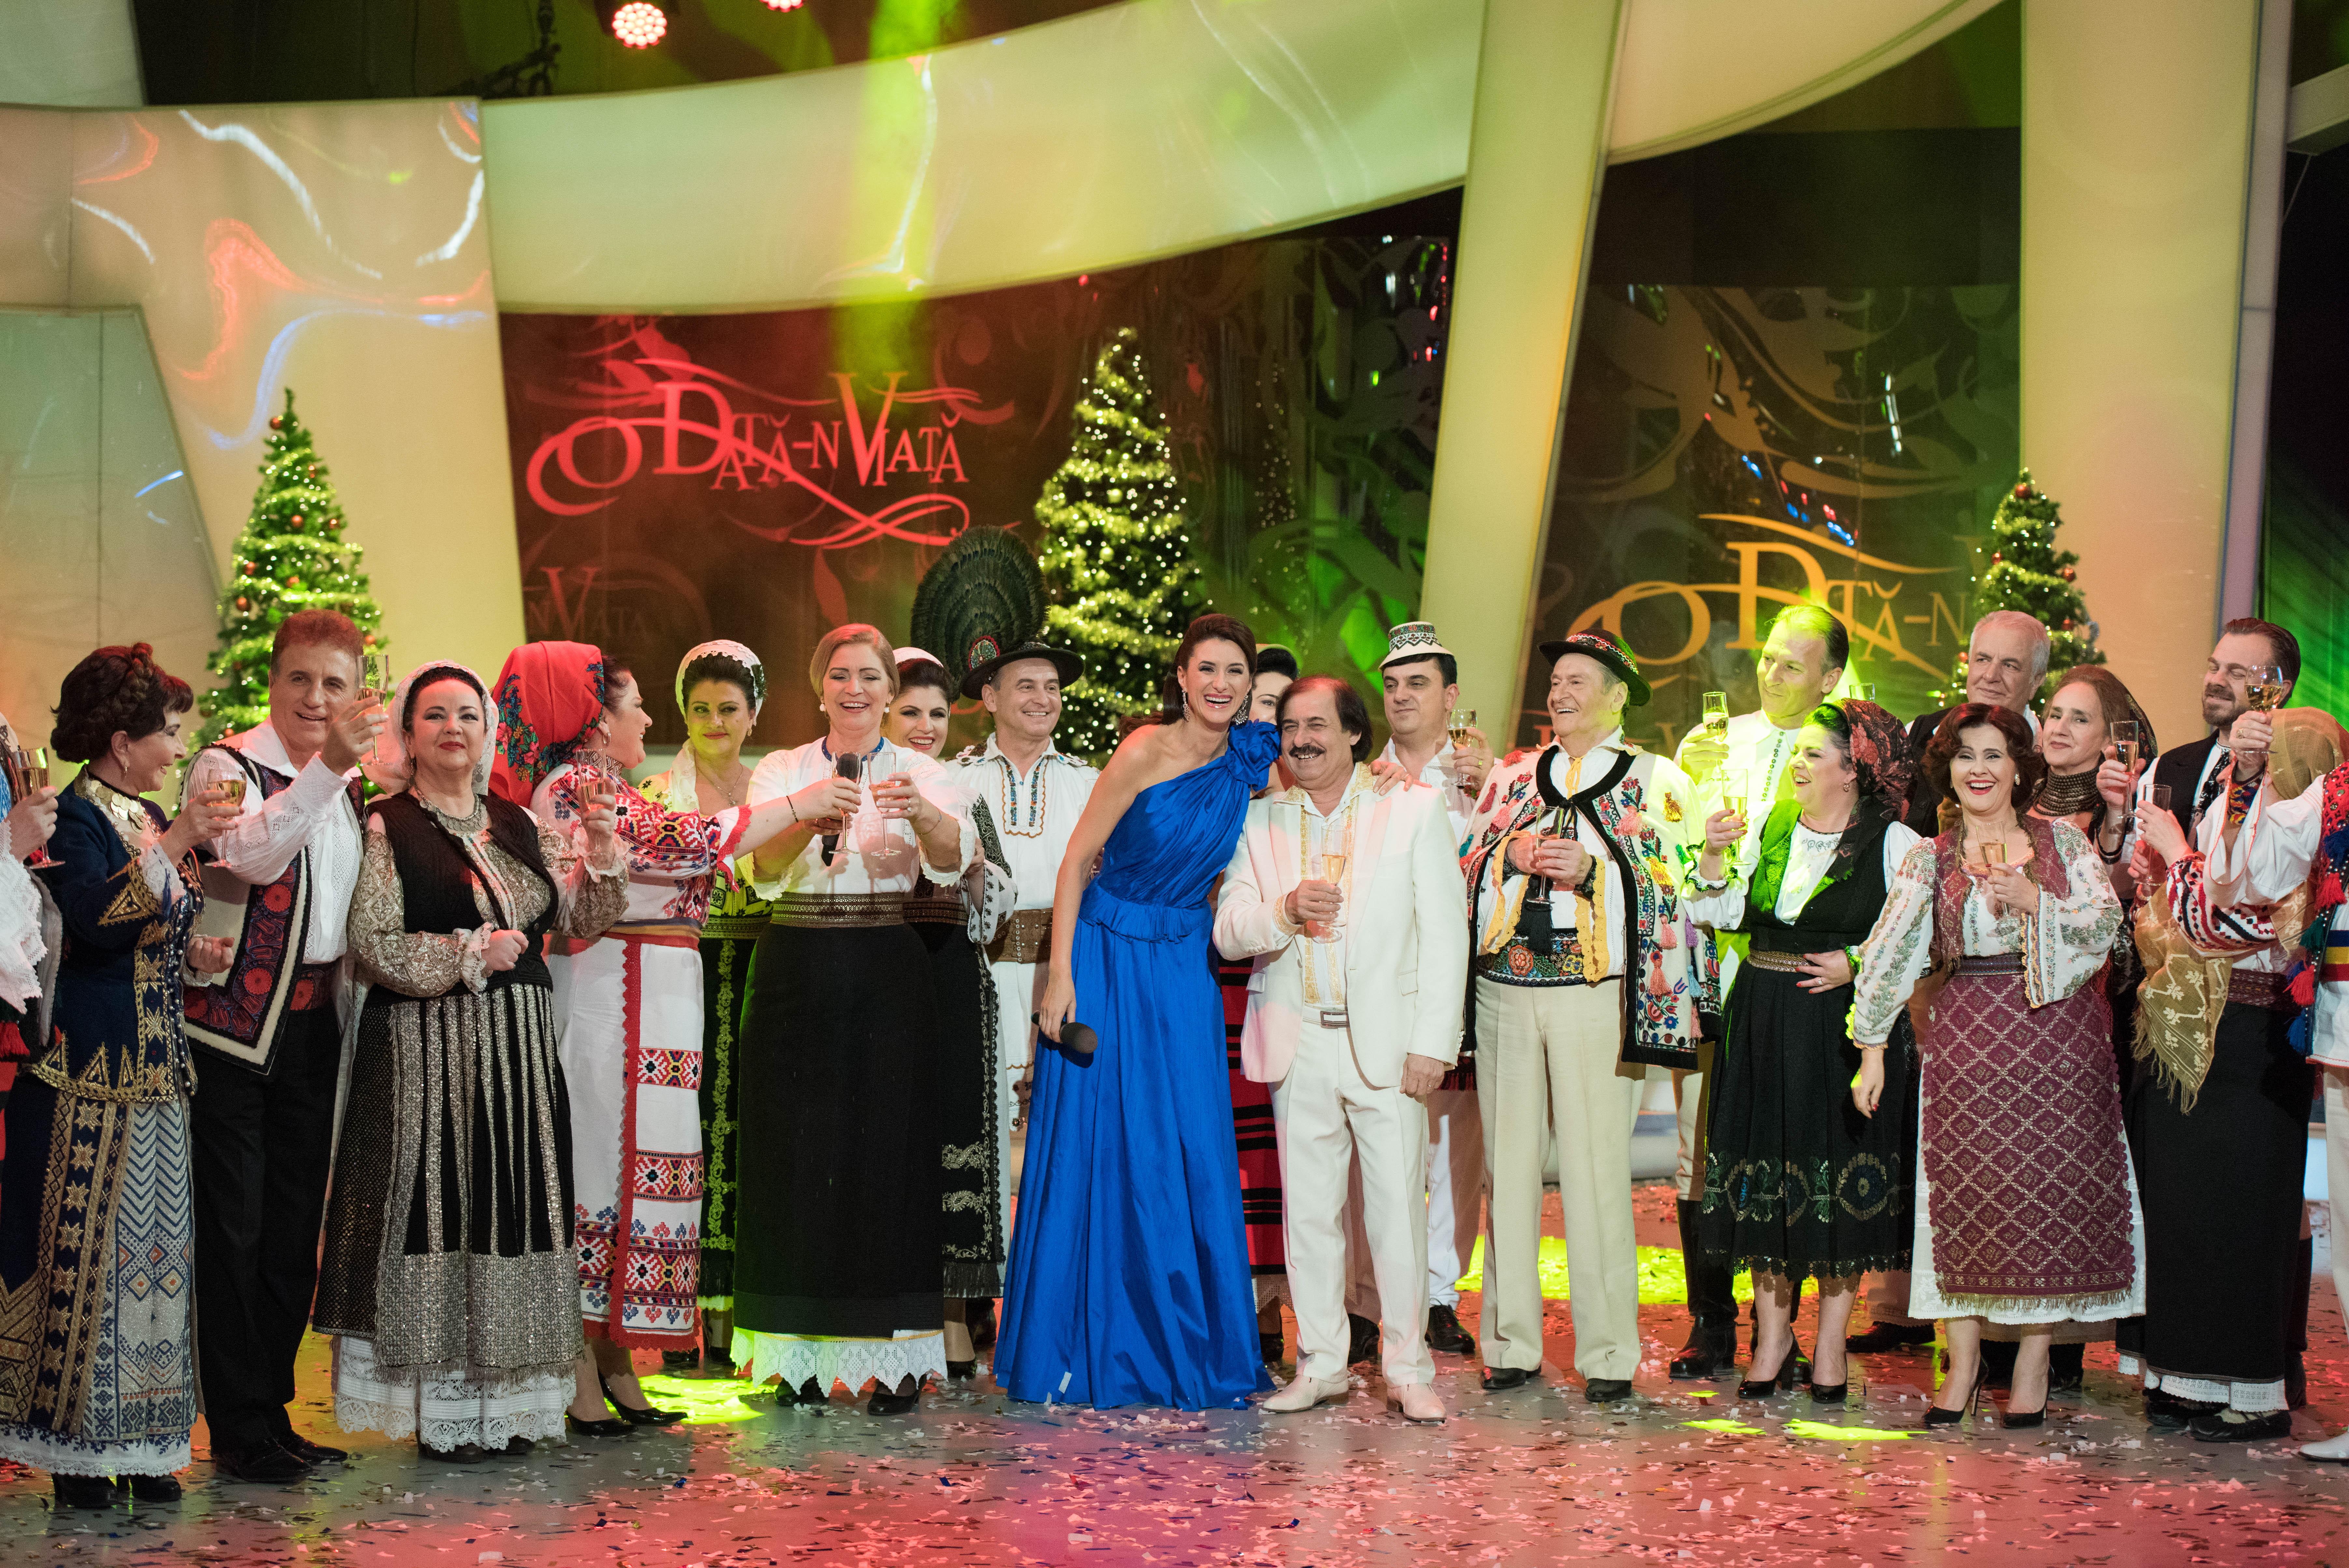 iulina-tudor-revelion-tvr